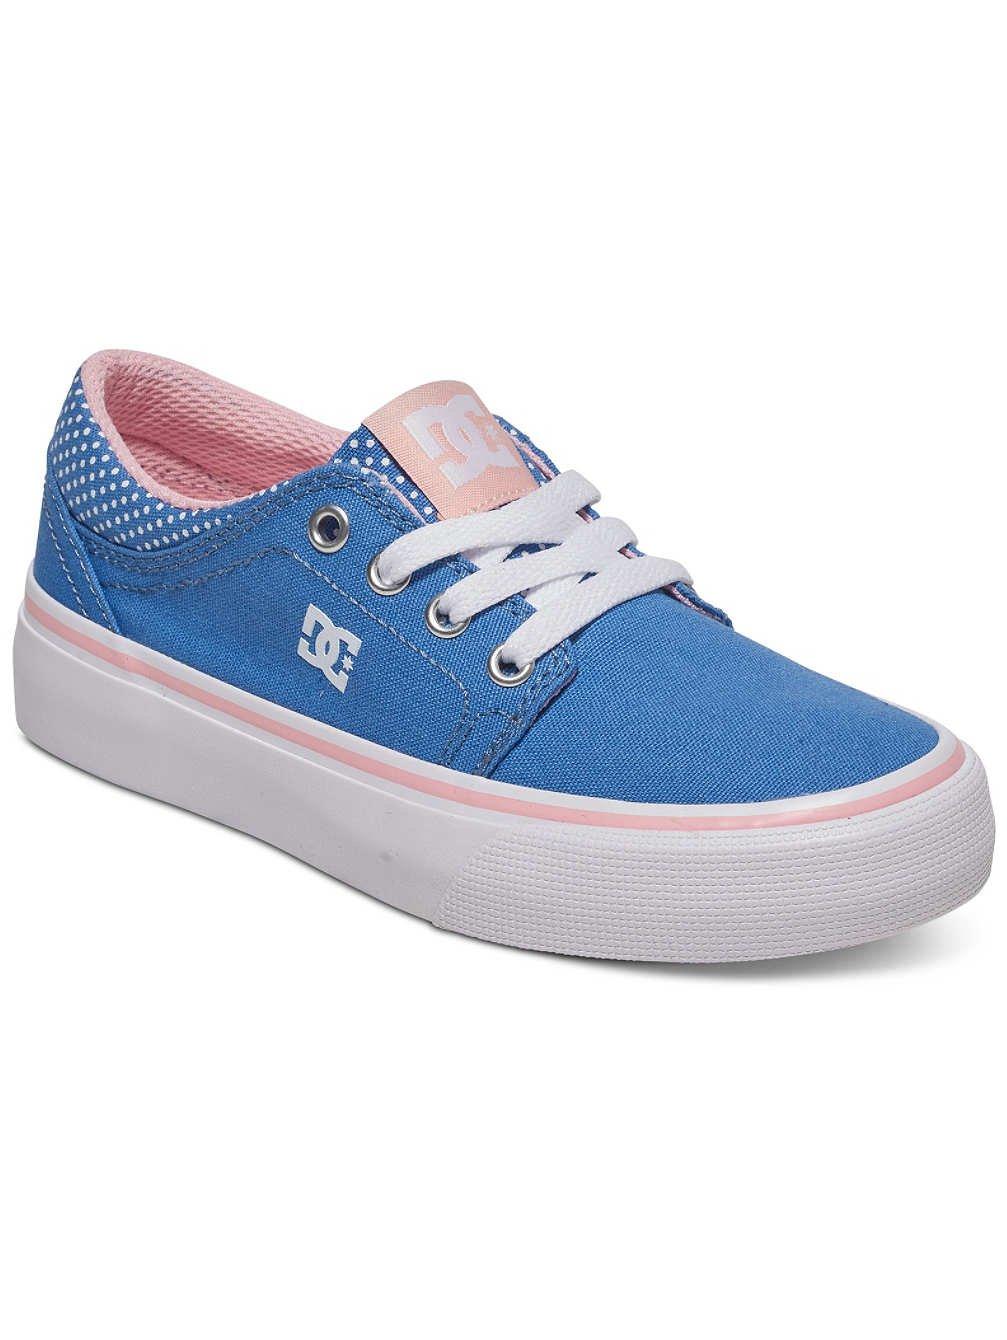 DC Shoes Trase TX Se - Botas Niñas 38 EU|Blue/White Print